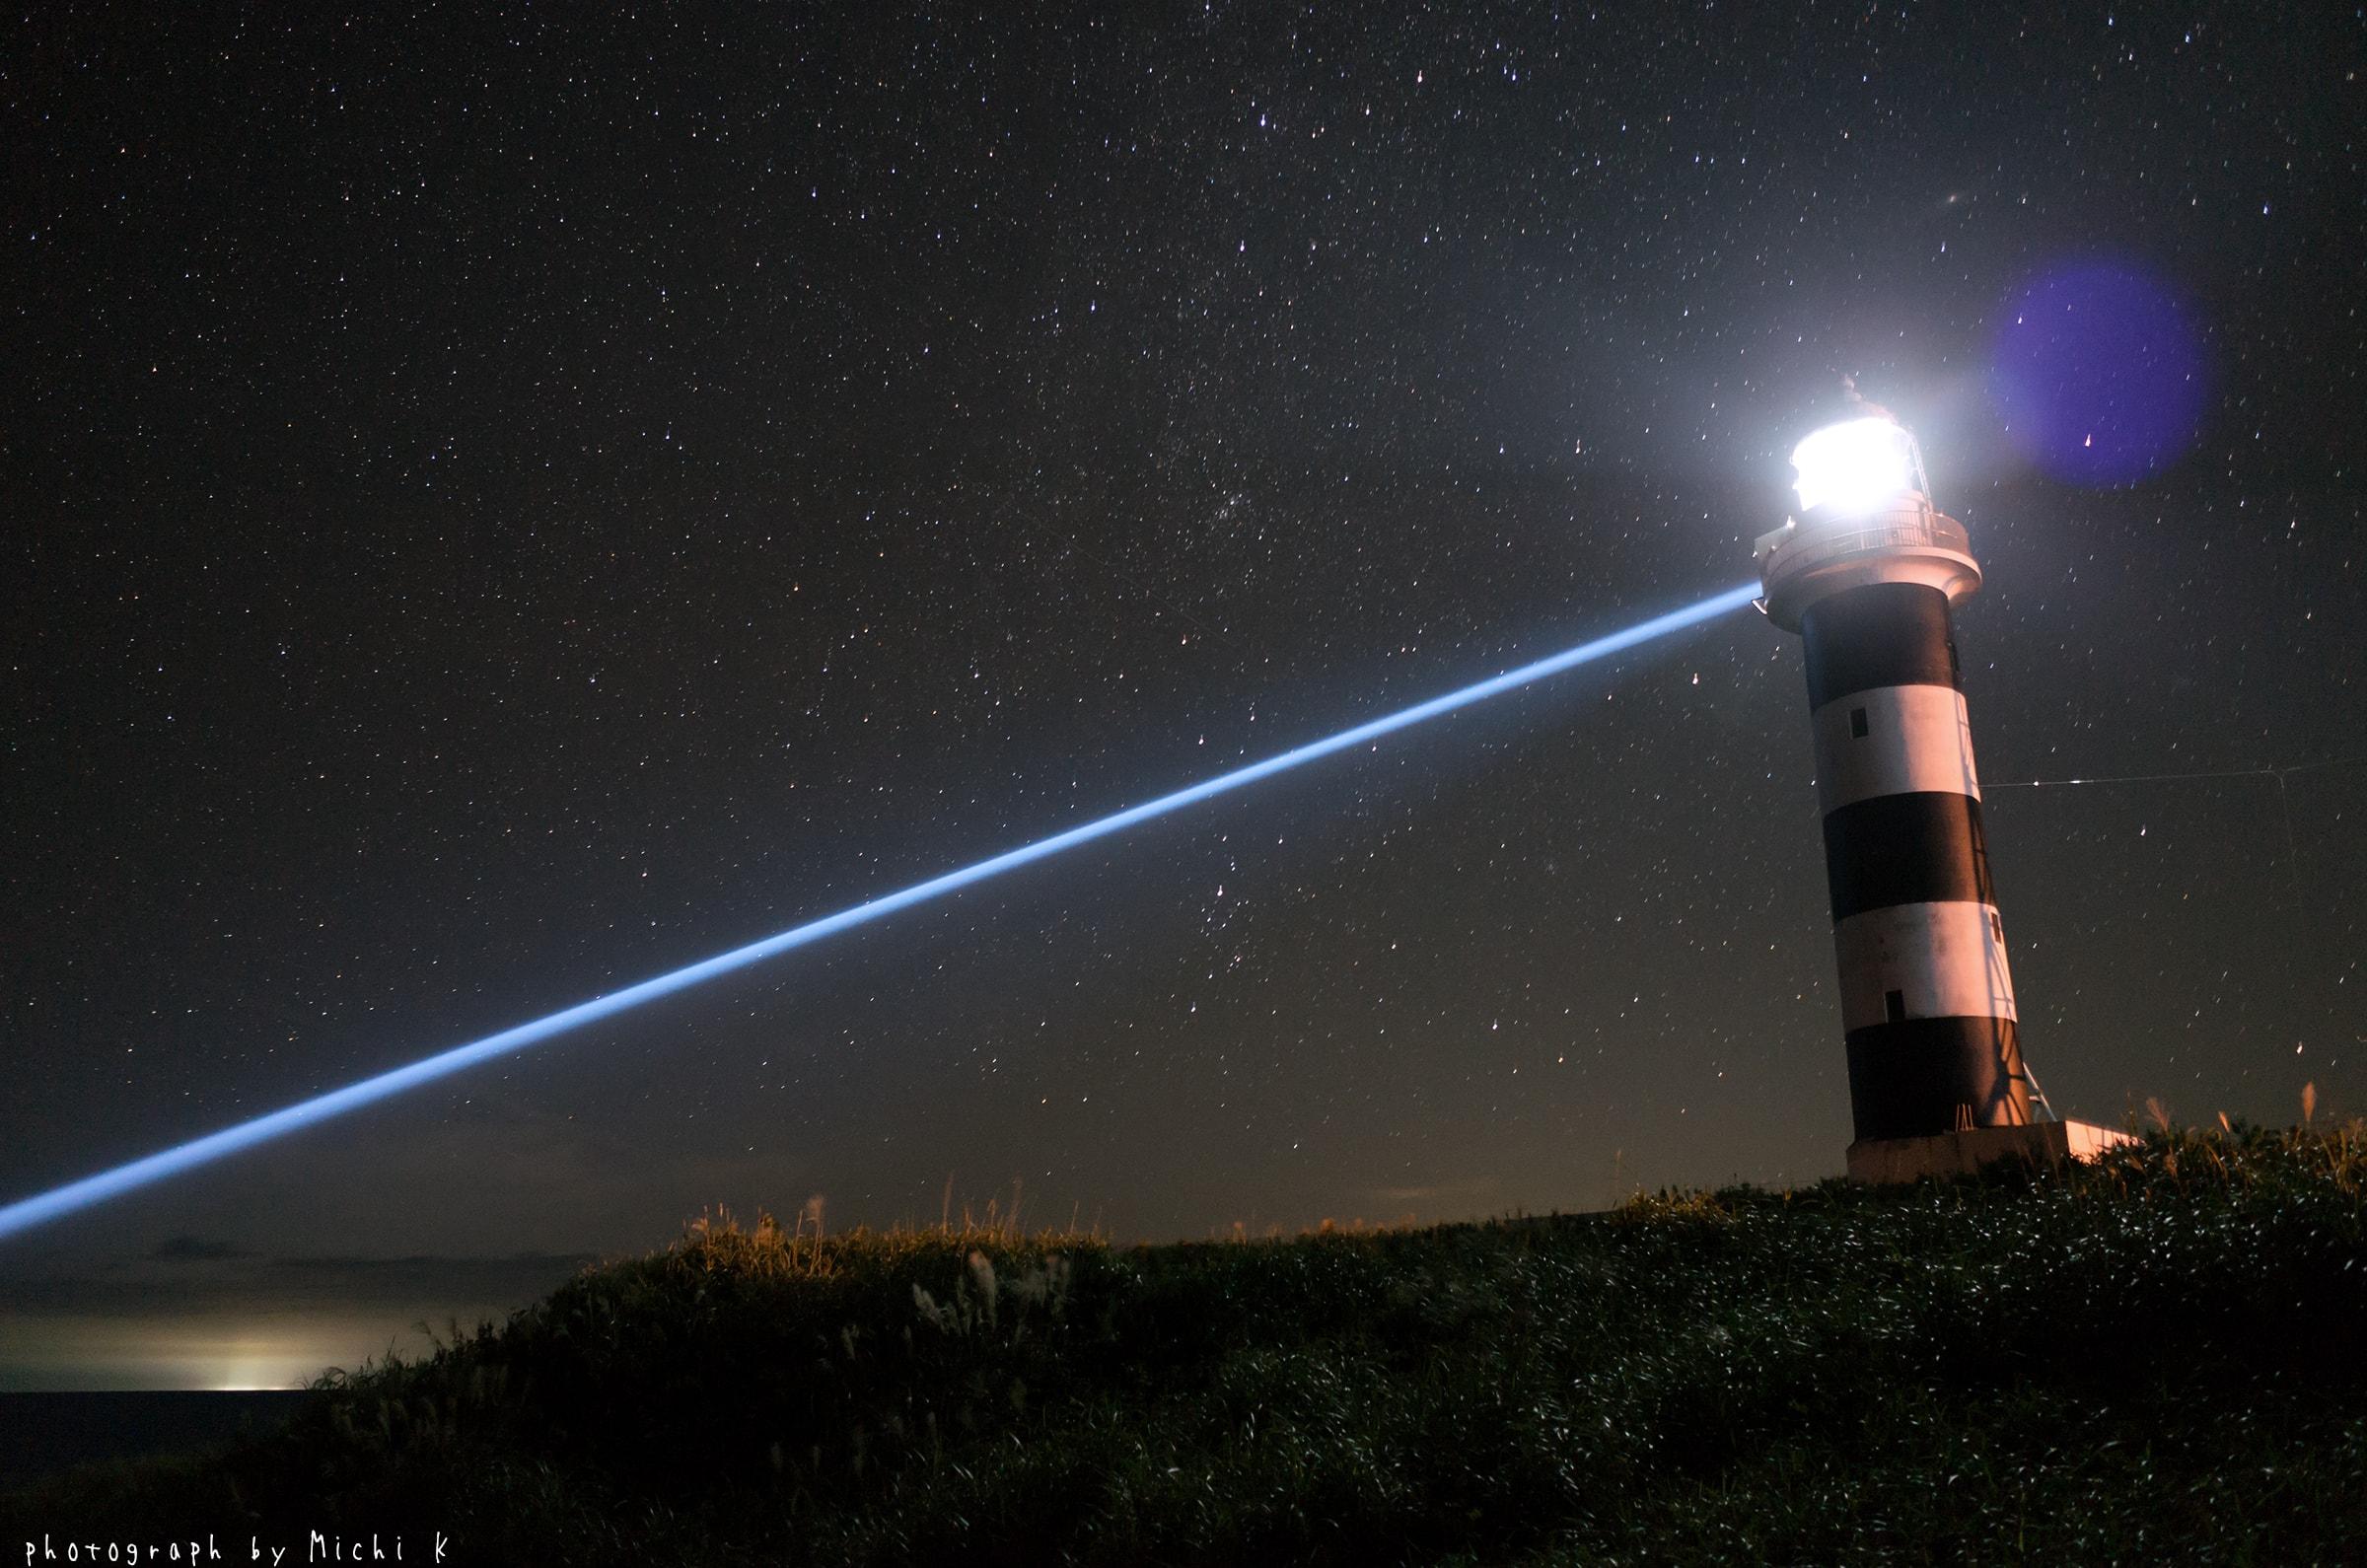 入道埼灯台、岩礁を照らす照射灯